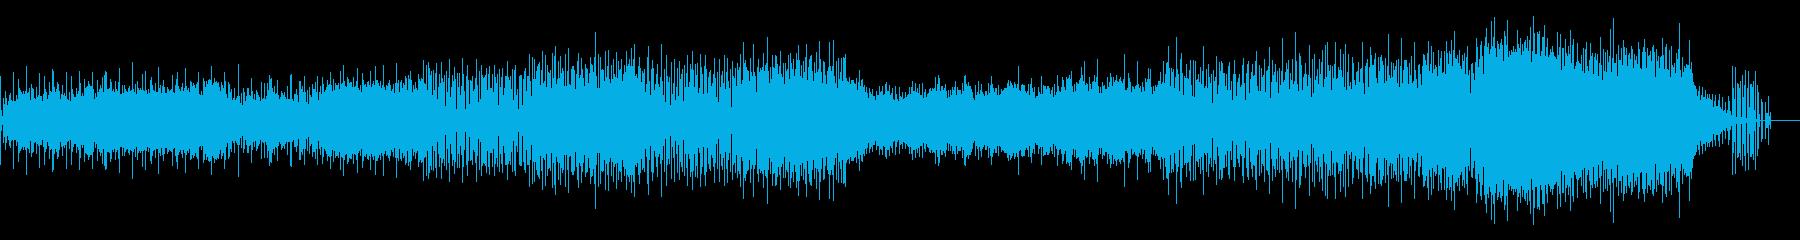 シンプルで壮大なラーガ ドラムンベースの再生済みの波形